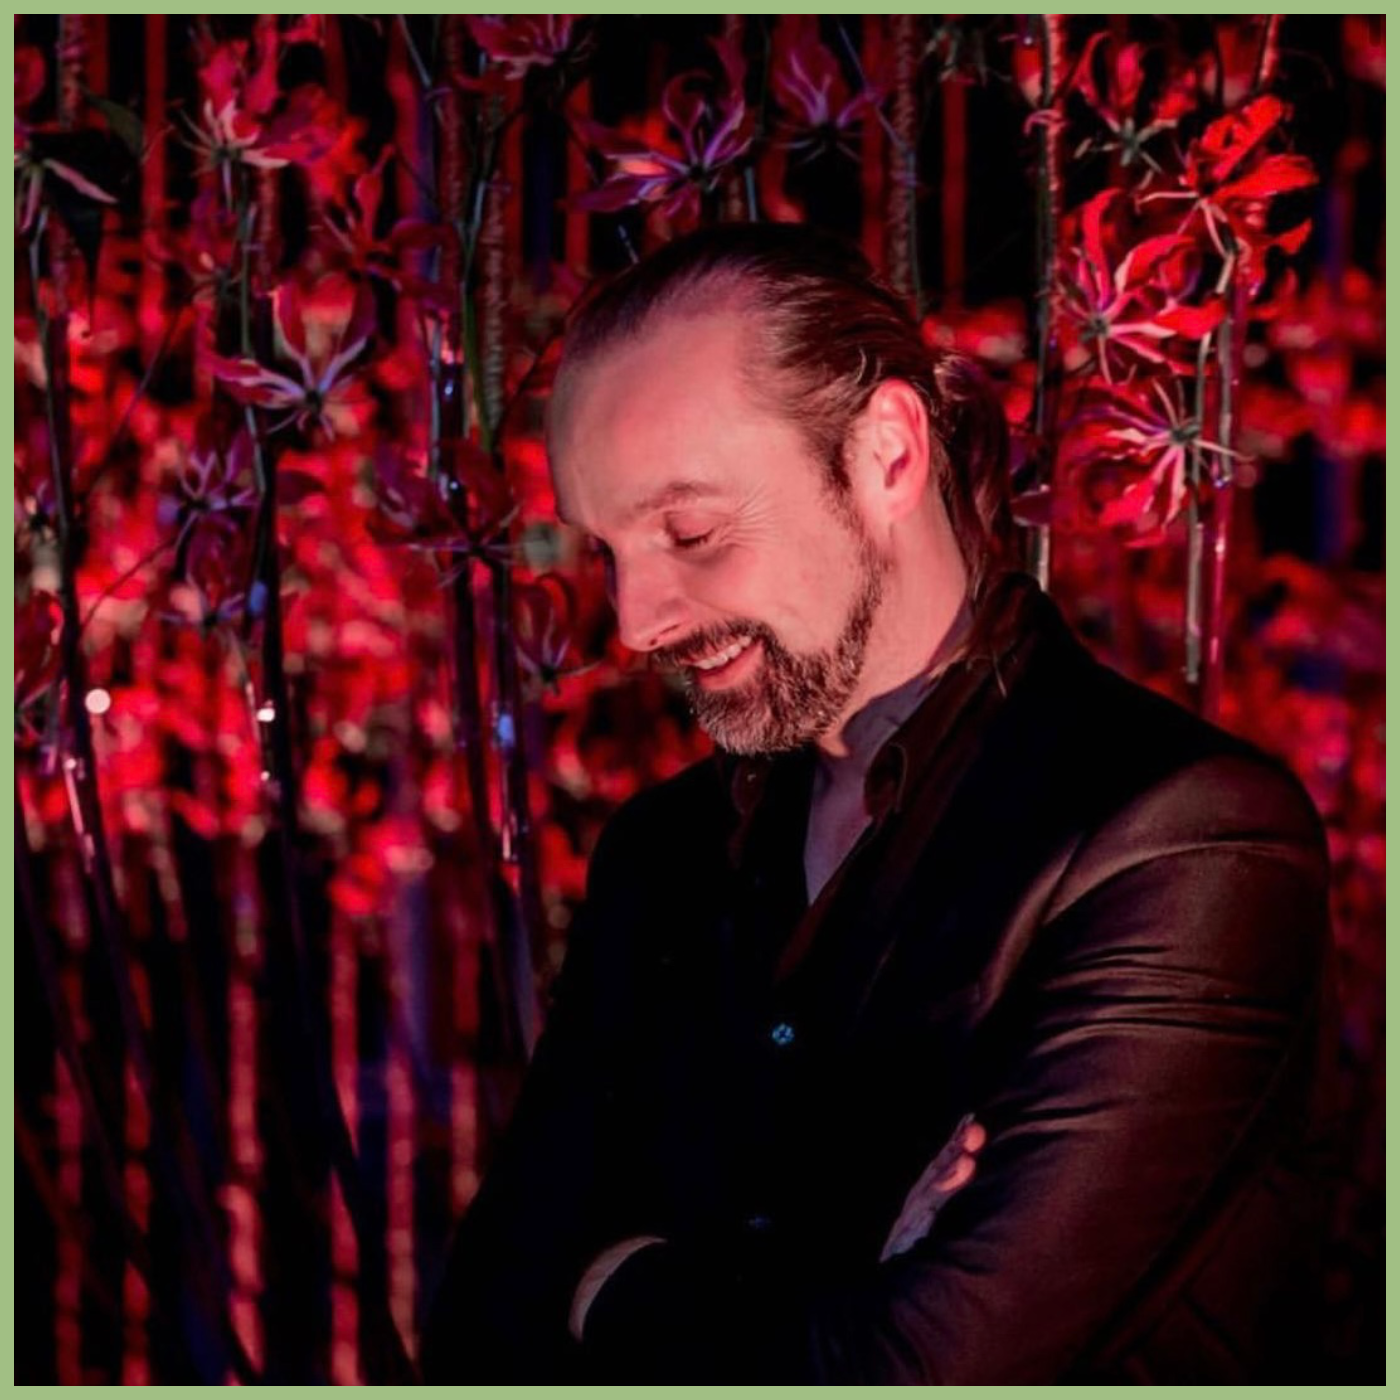 Tom de Houwer florist in Belgium standing in front of red floral wall